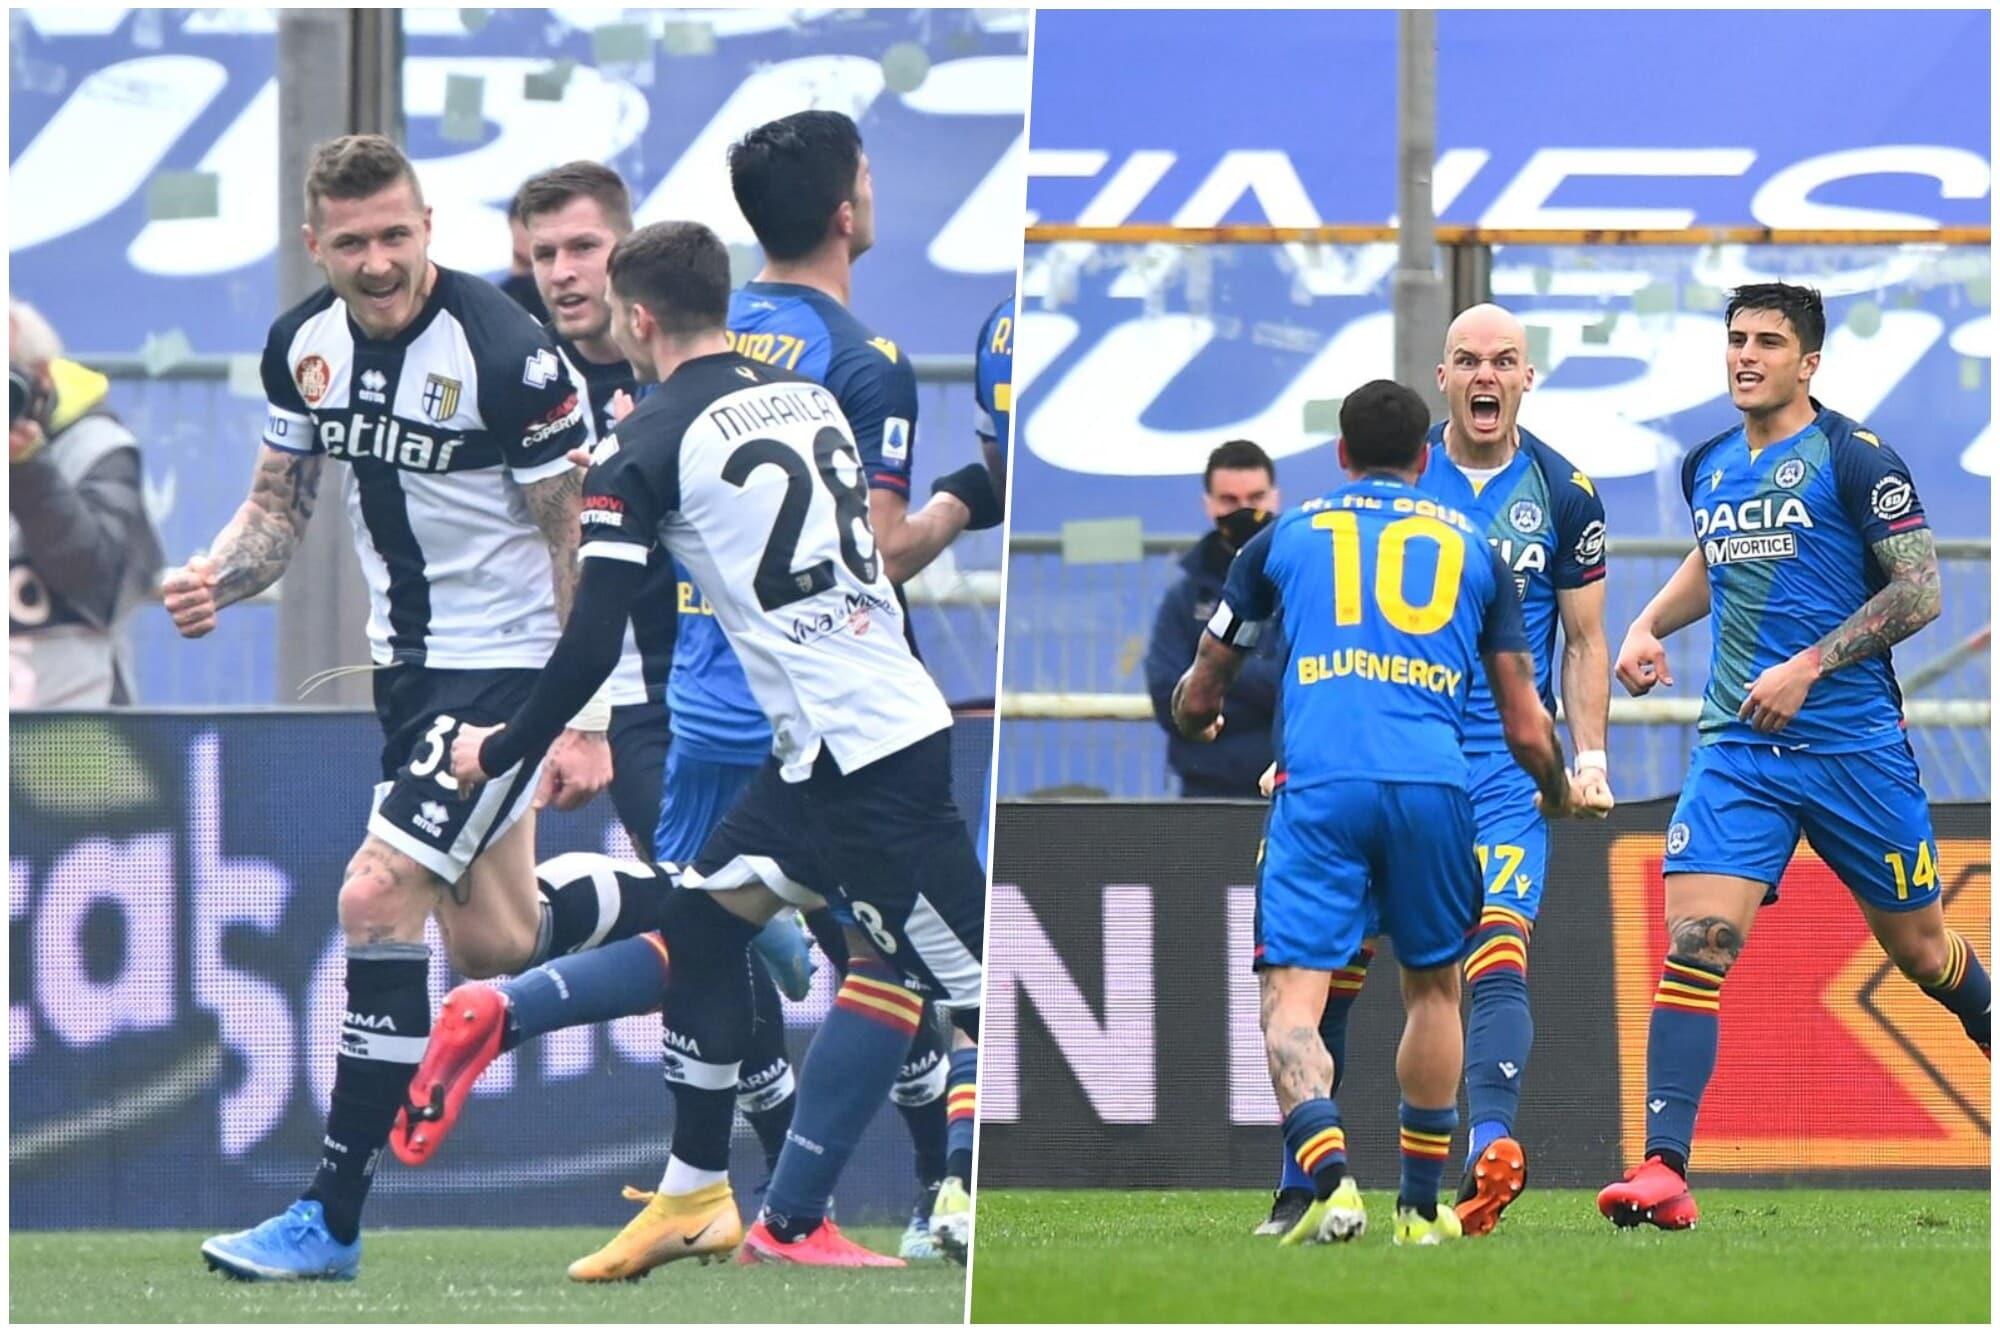 Il Parma si illude, l'Udinese rimonta: 2-2 show al Tardini